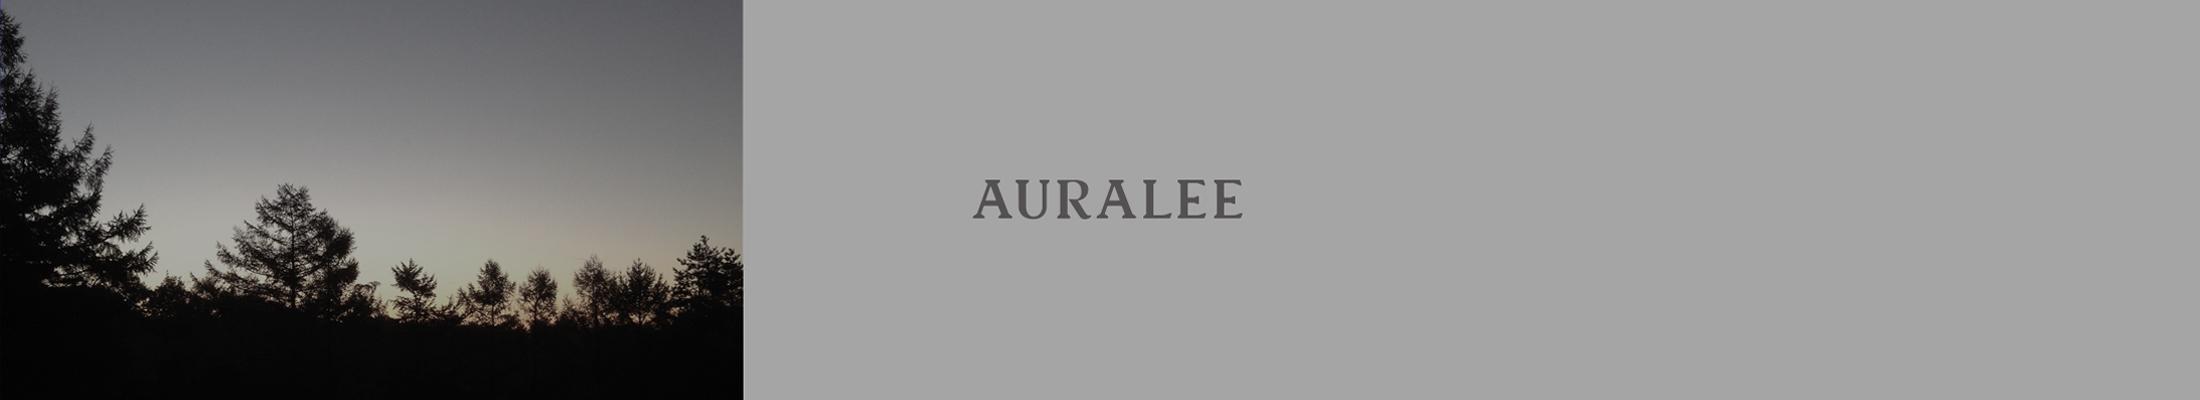 auraalee